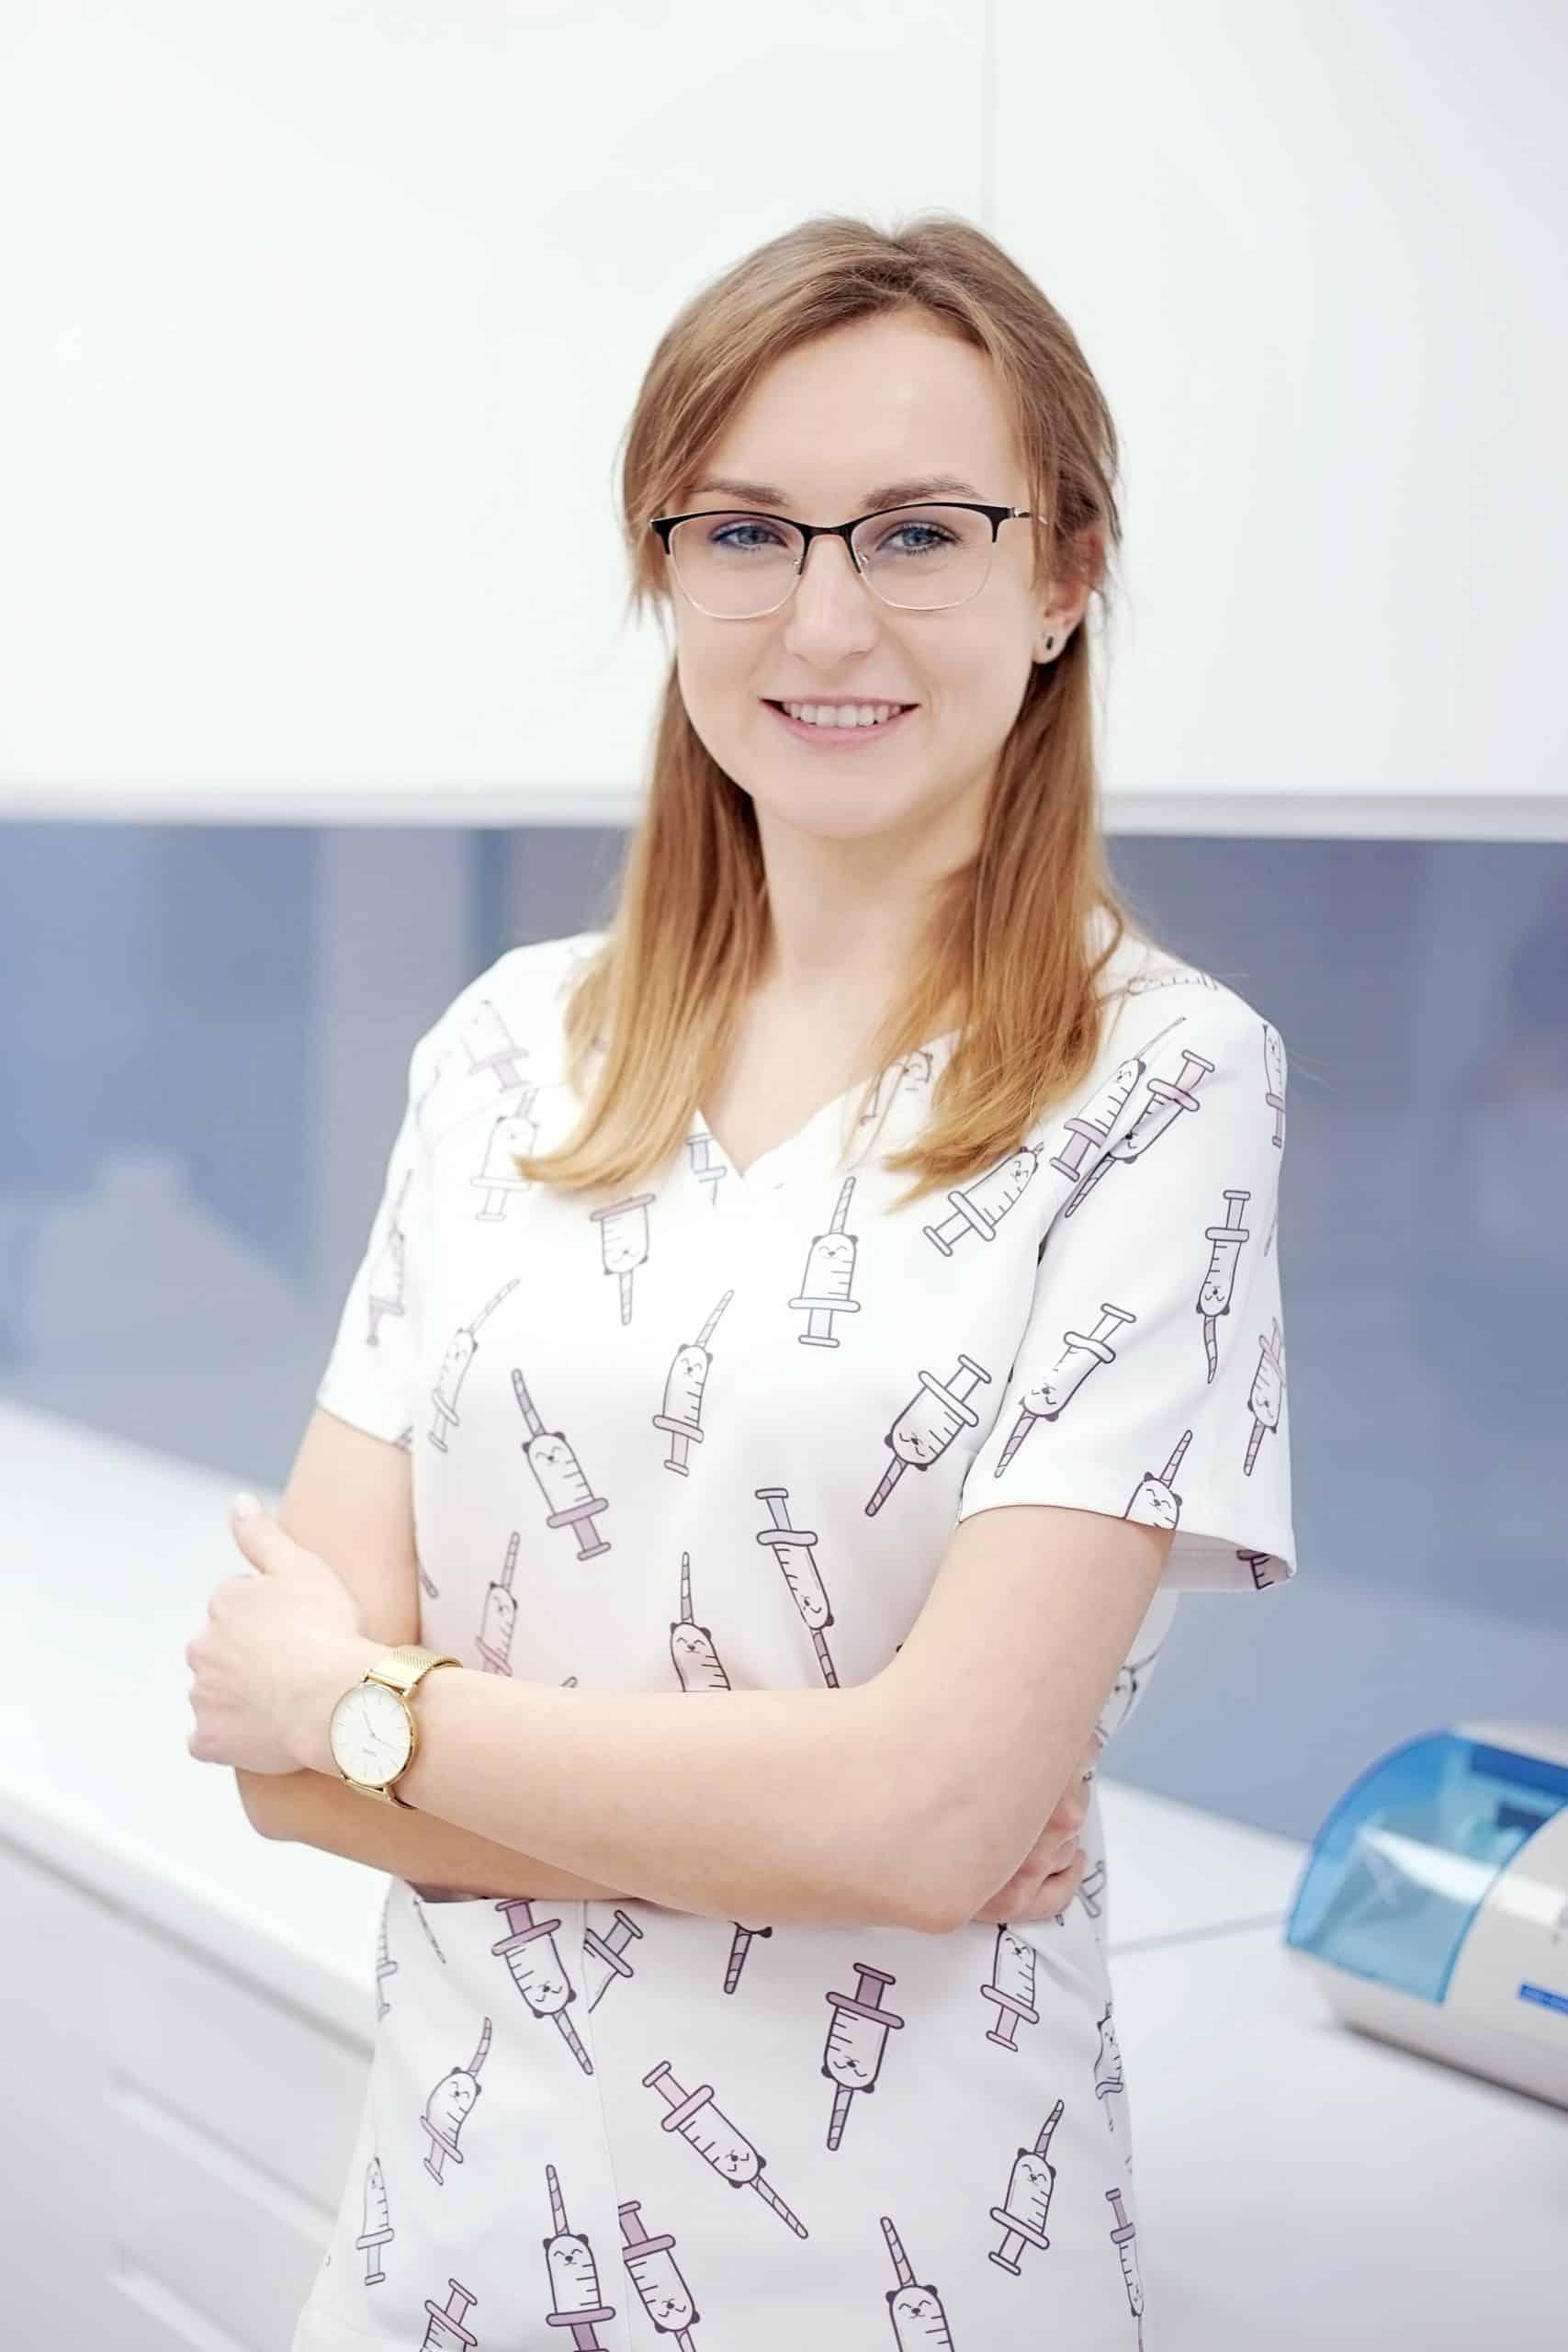 asystentka gabinet dentystyczny Prylinski